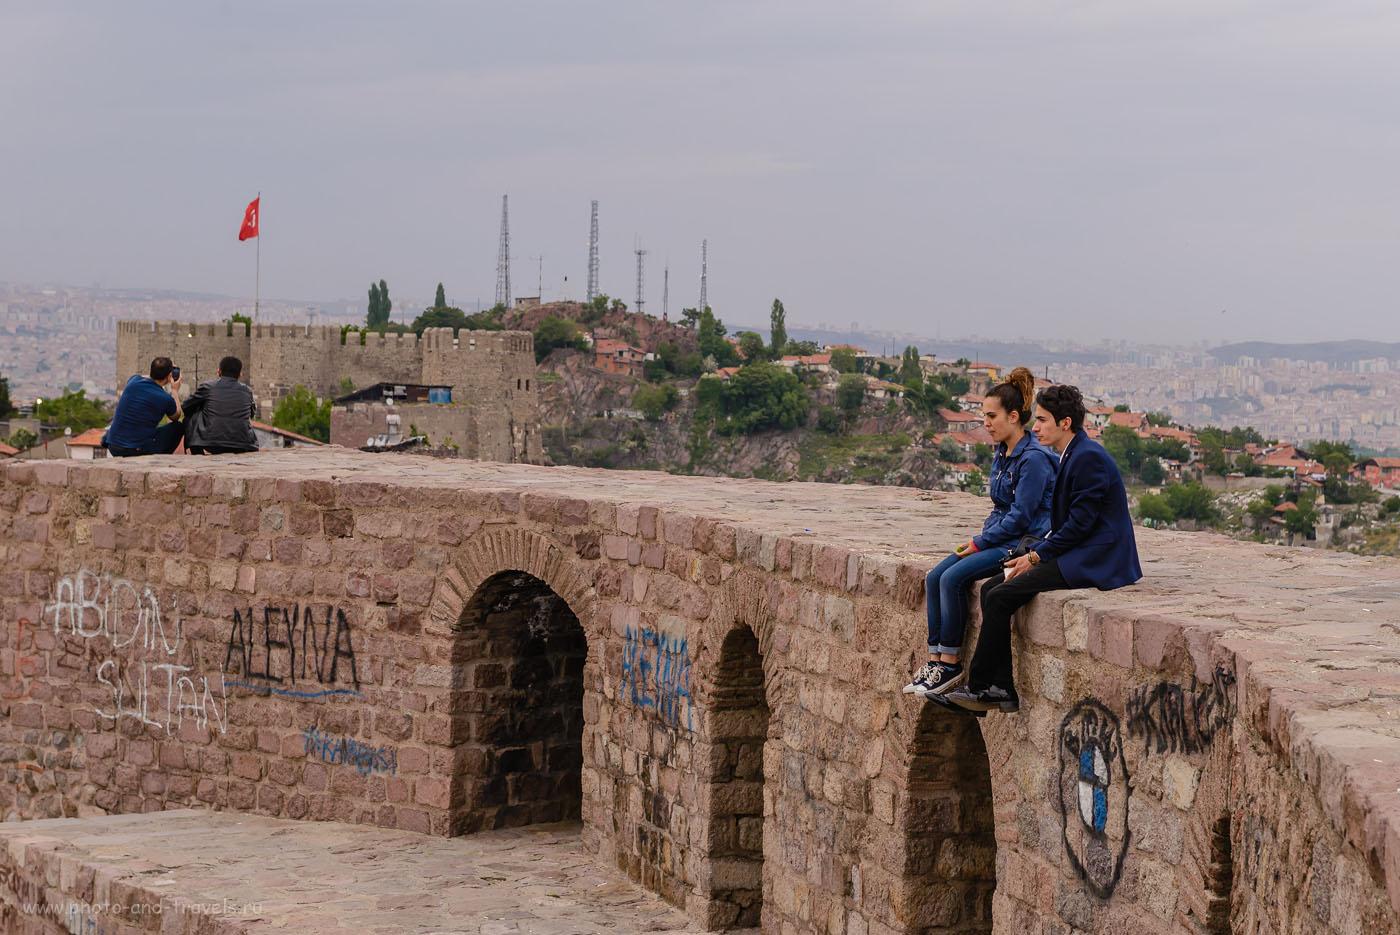 Фотография 25. Вечер на крепостной стене в Анкаре. Как мы ездили в Турцию отдыхать. 1/160, -0.33, 8.0, 500, 70.